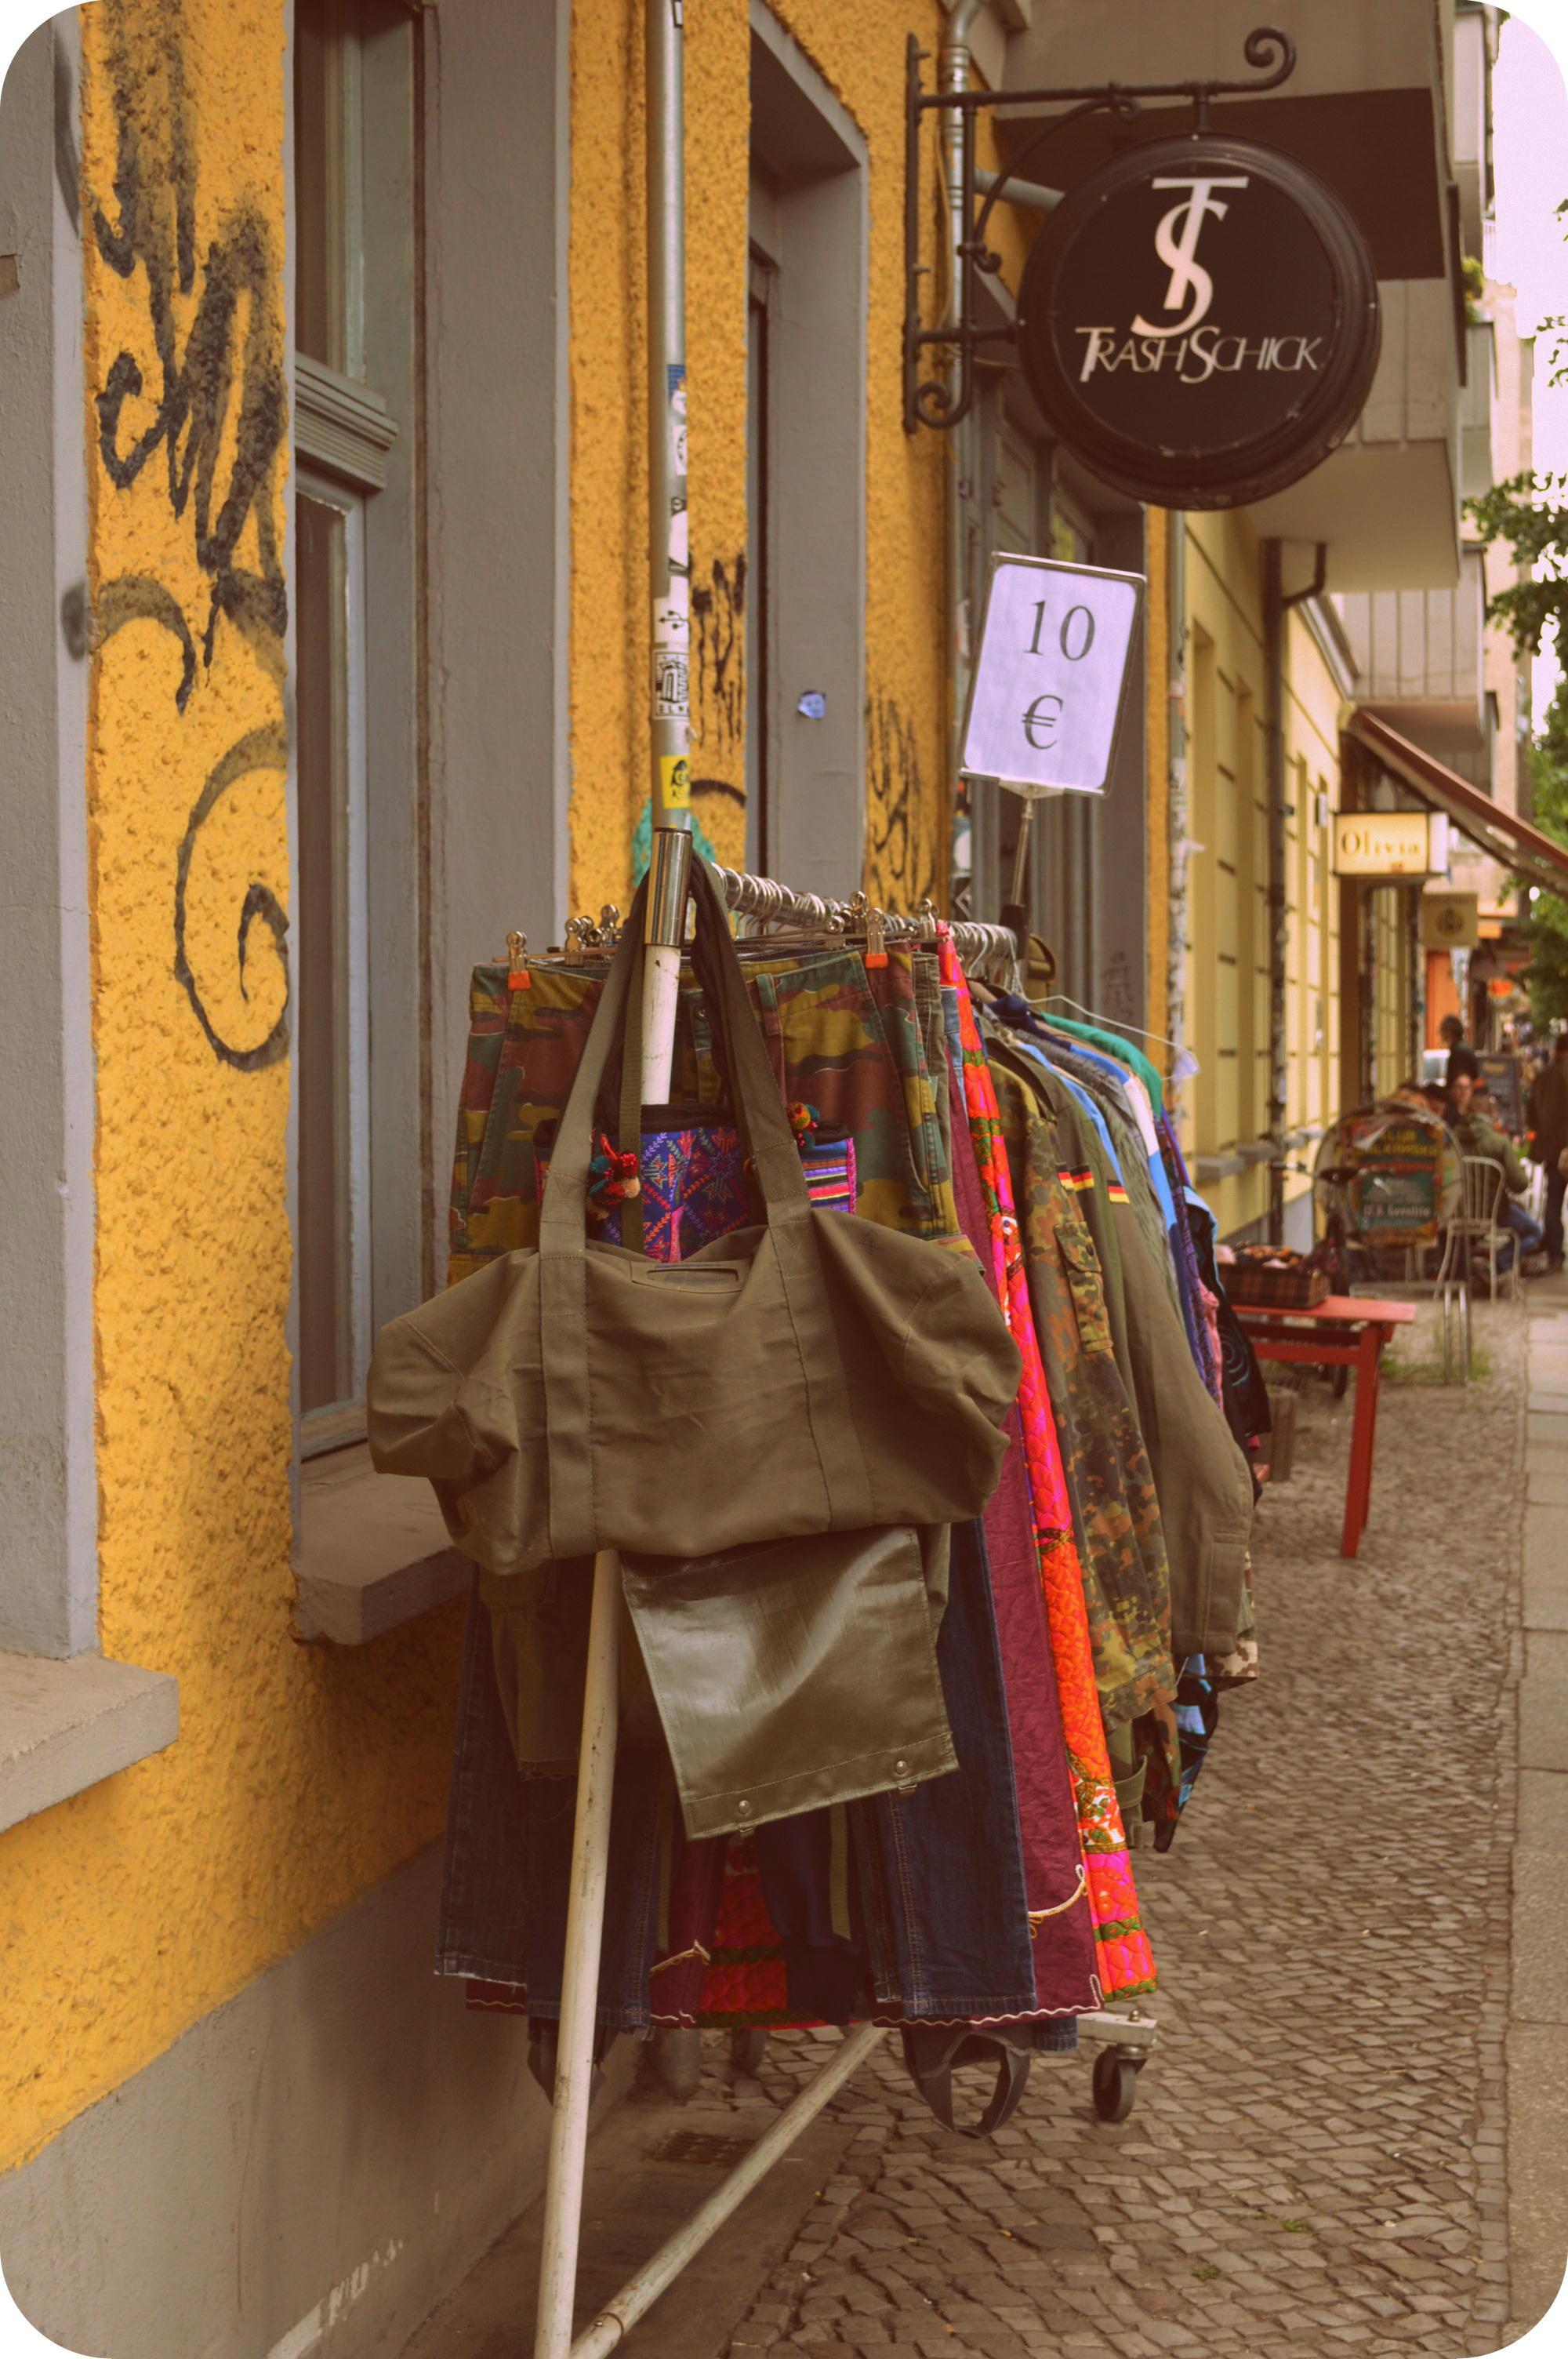 Kleider welt berlin